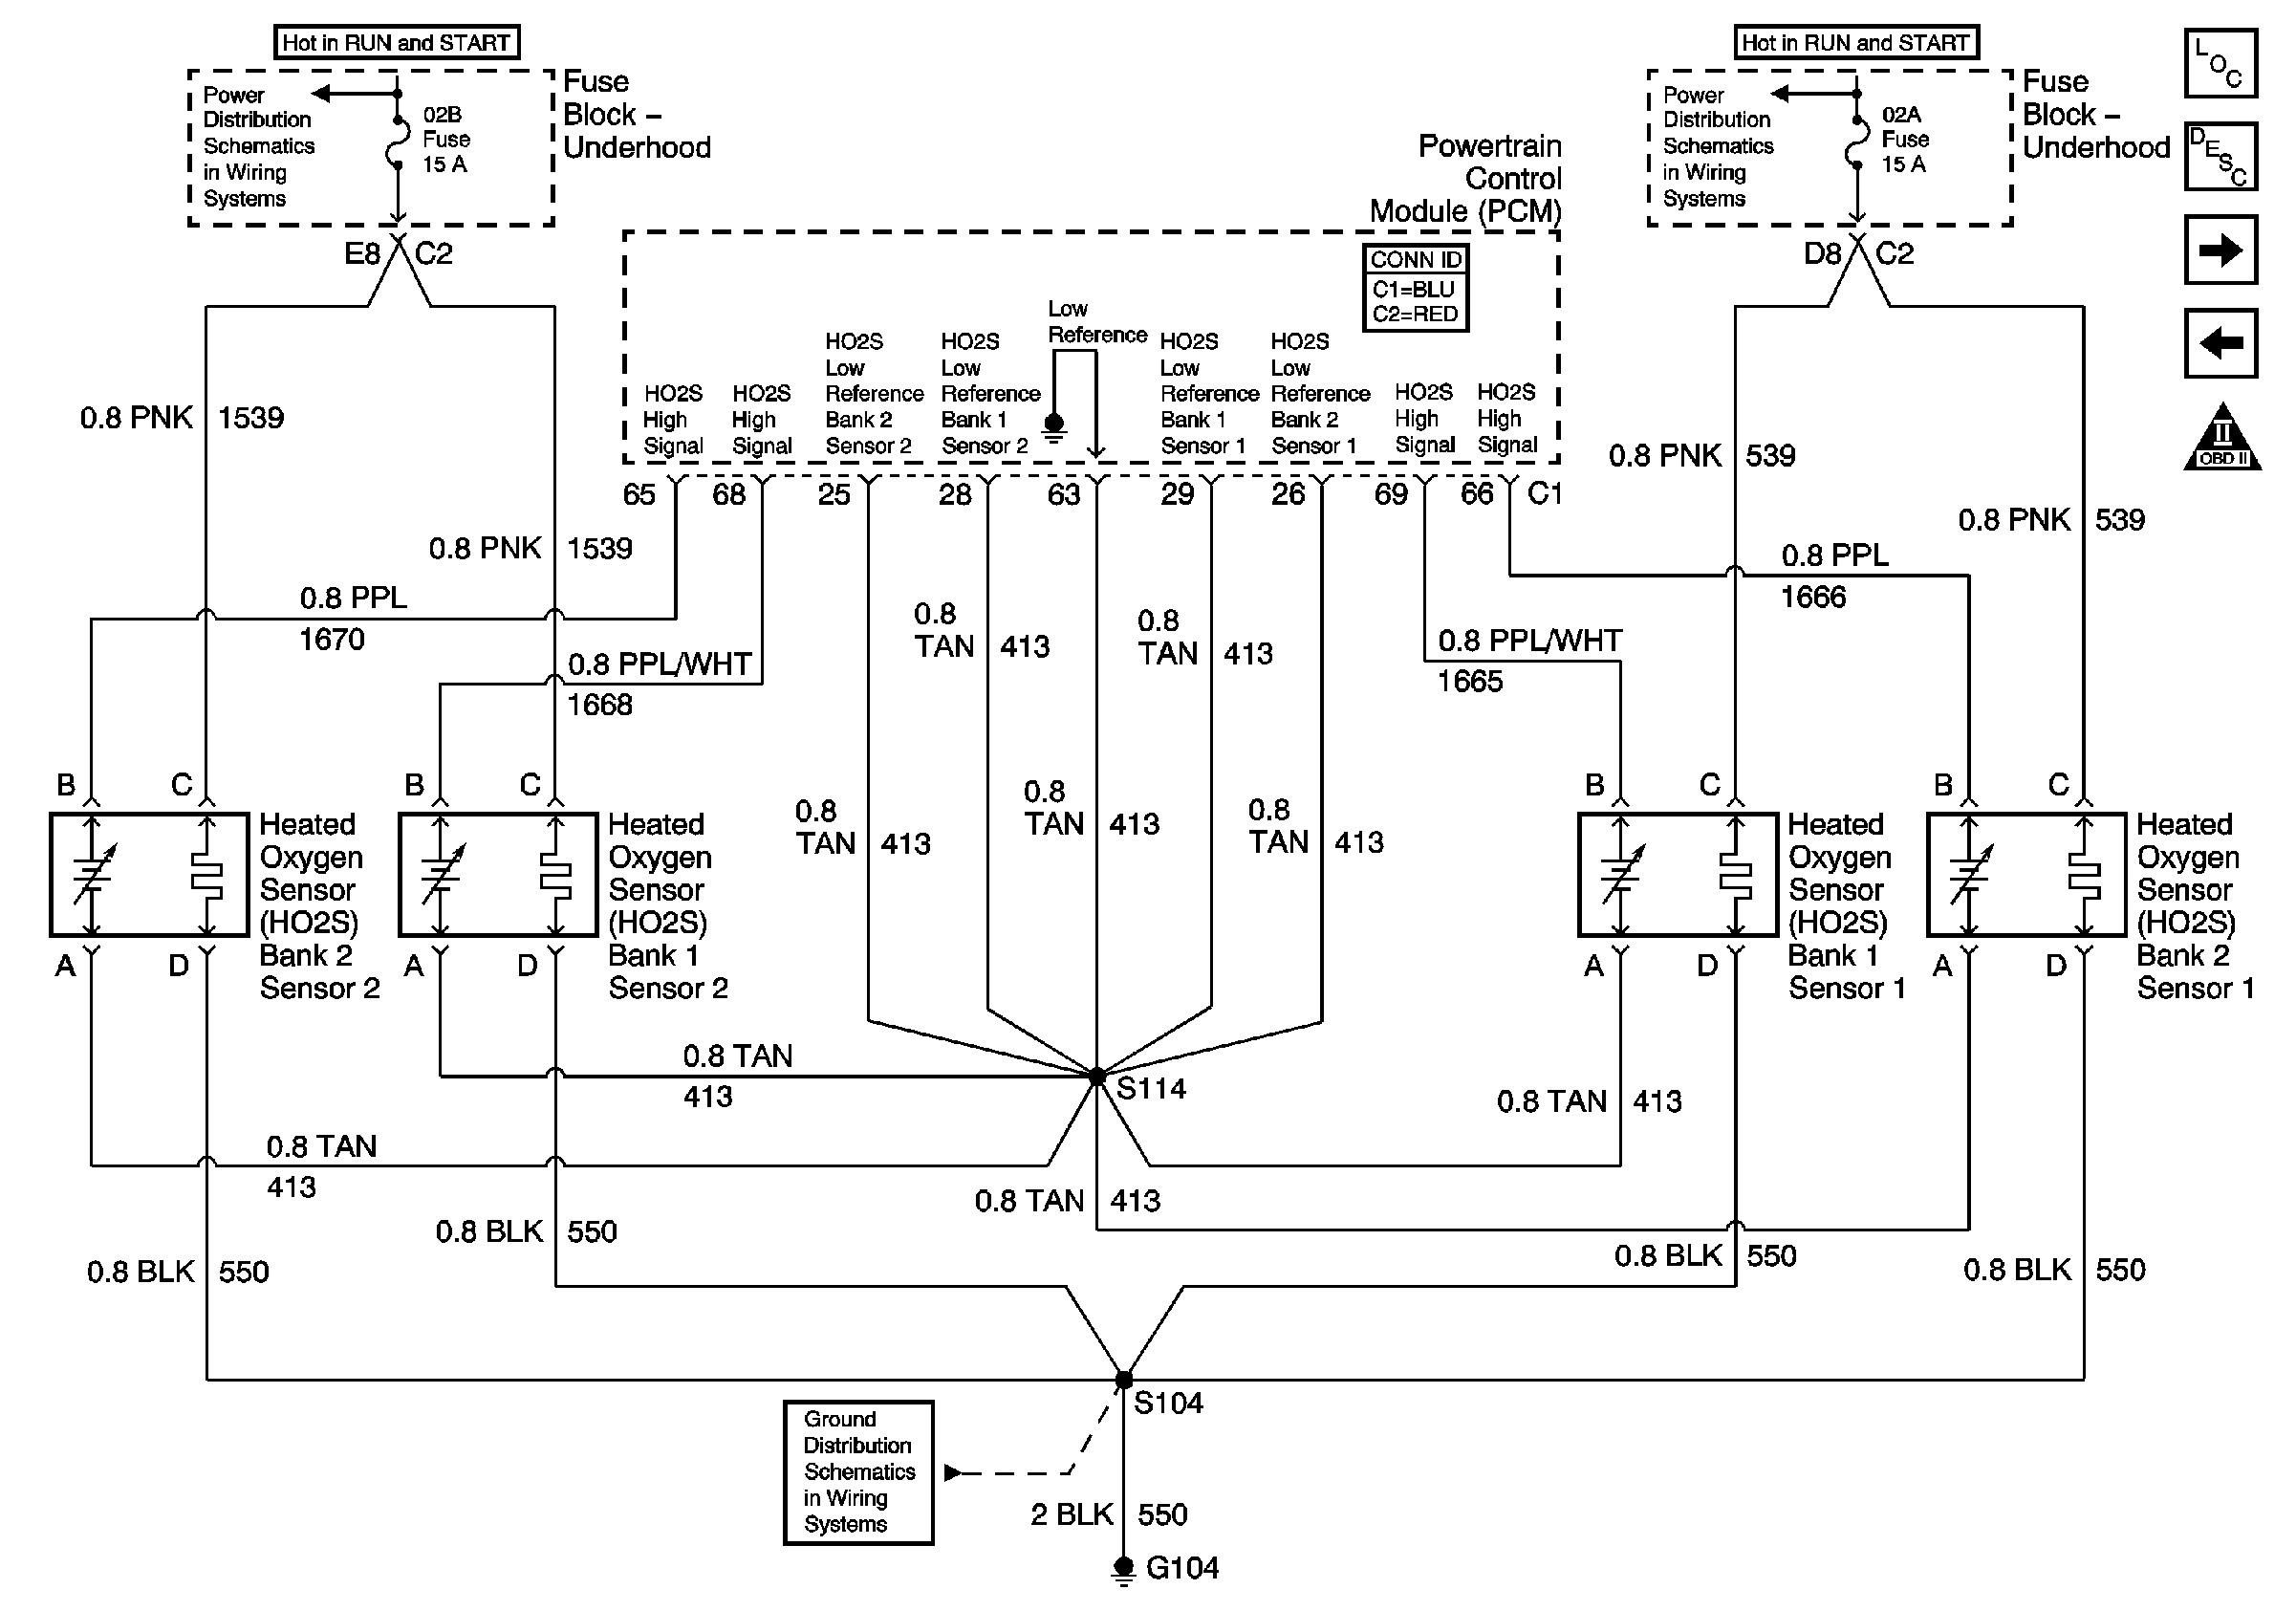 2006 Dodge Ram 1500 Serpentine Belt Diagram Wiring Site Resource